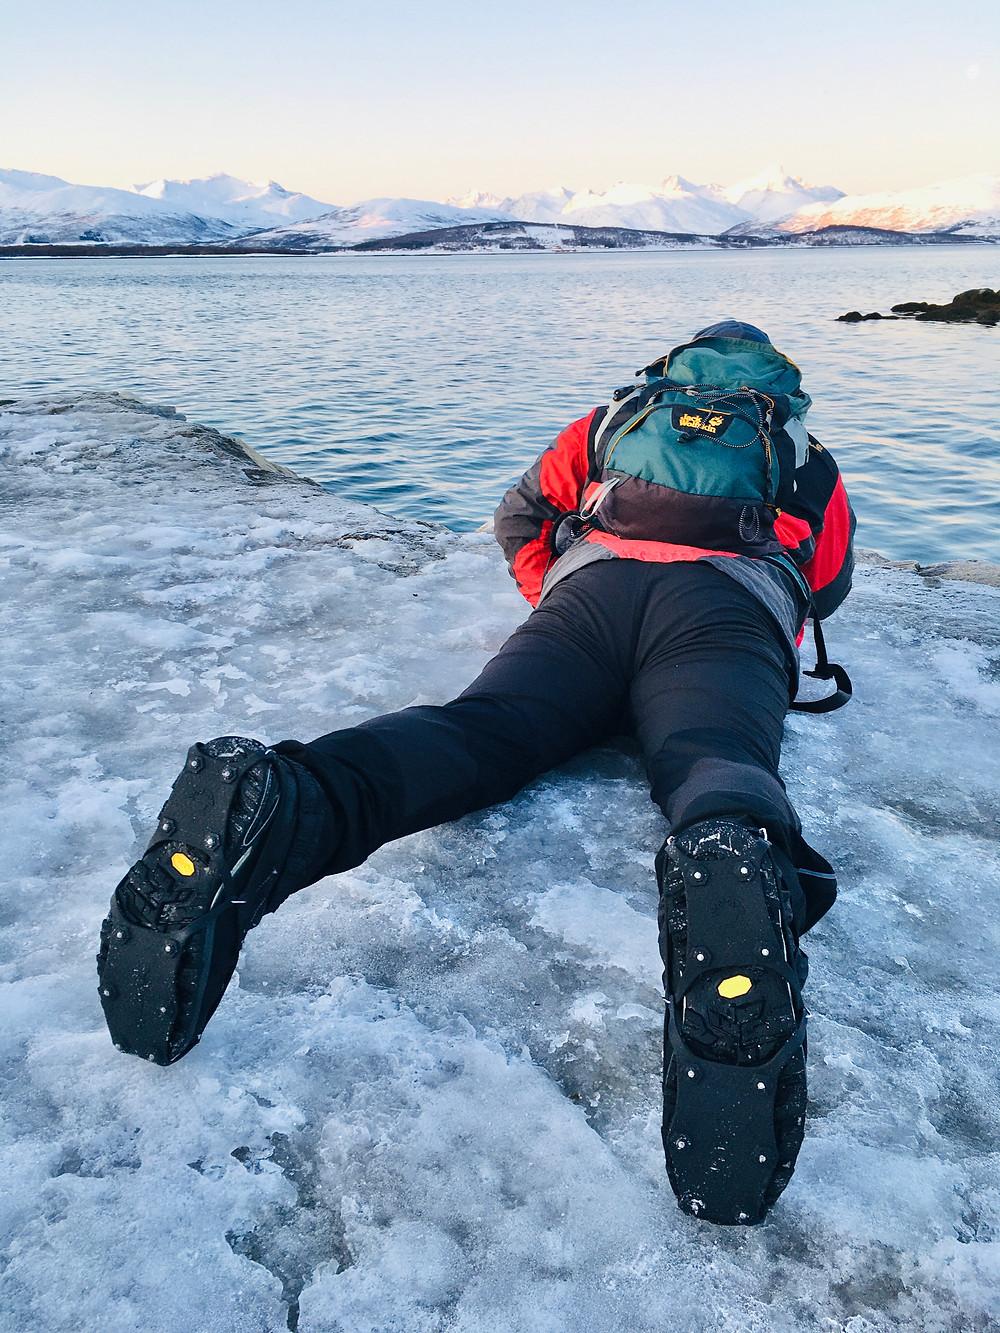 Reisefotograf Gerald Lechner mit Eisspikes auf den Winterschuhen in Tromsö